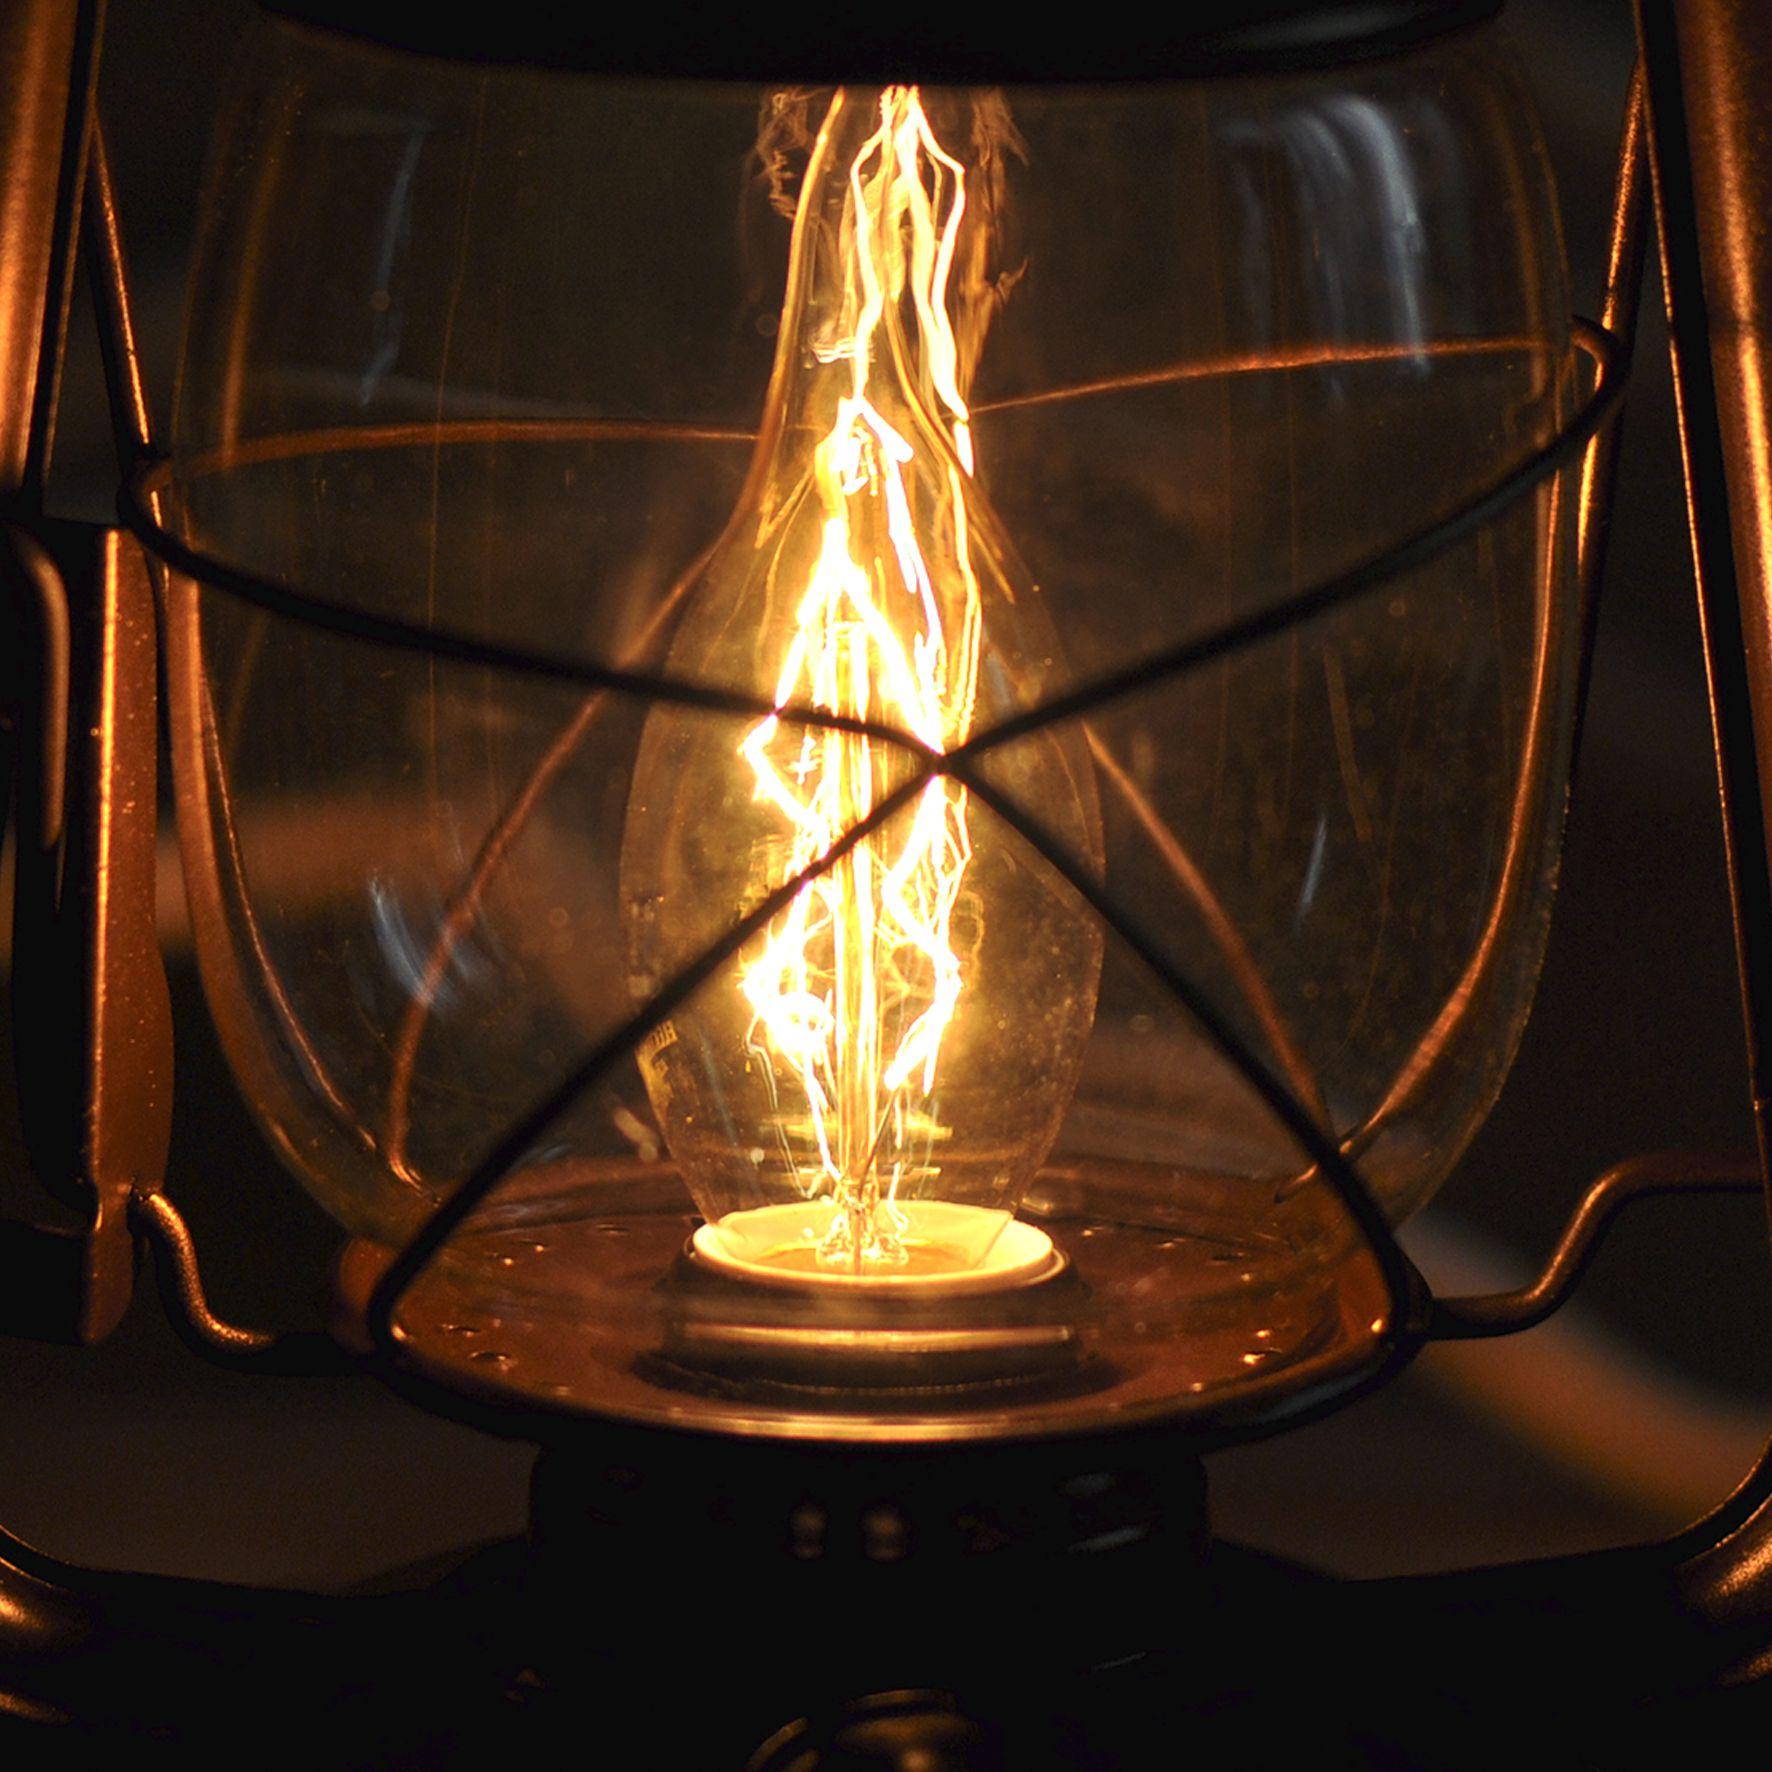 винтаж подарок лофт деньрождения светильник ночник купитьподарок керосинка винтажнаялампа купитьлампу лампанадачу ретролампа лампалофт